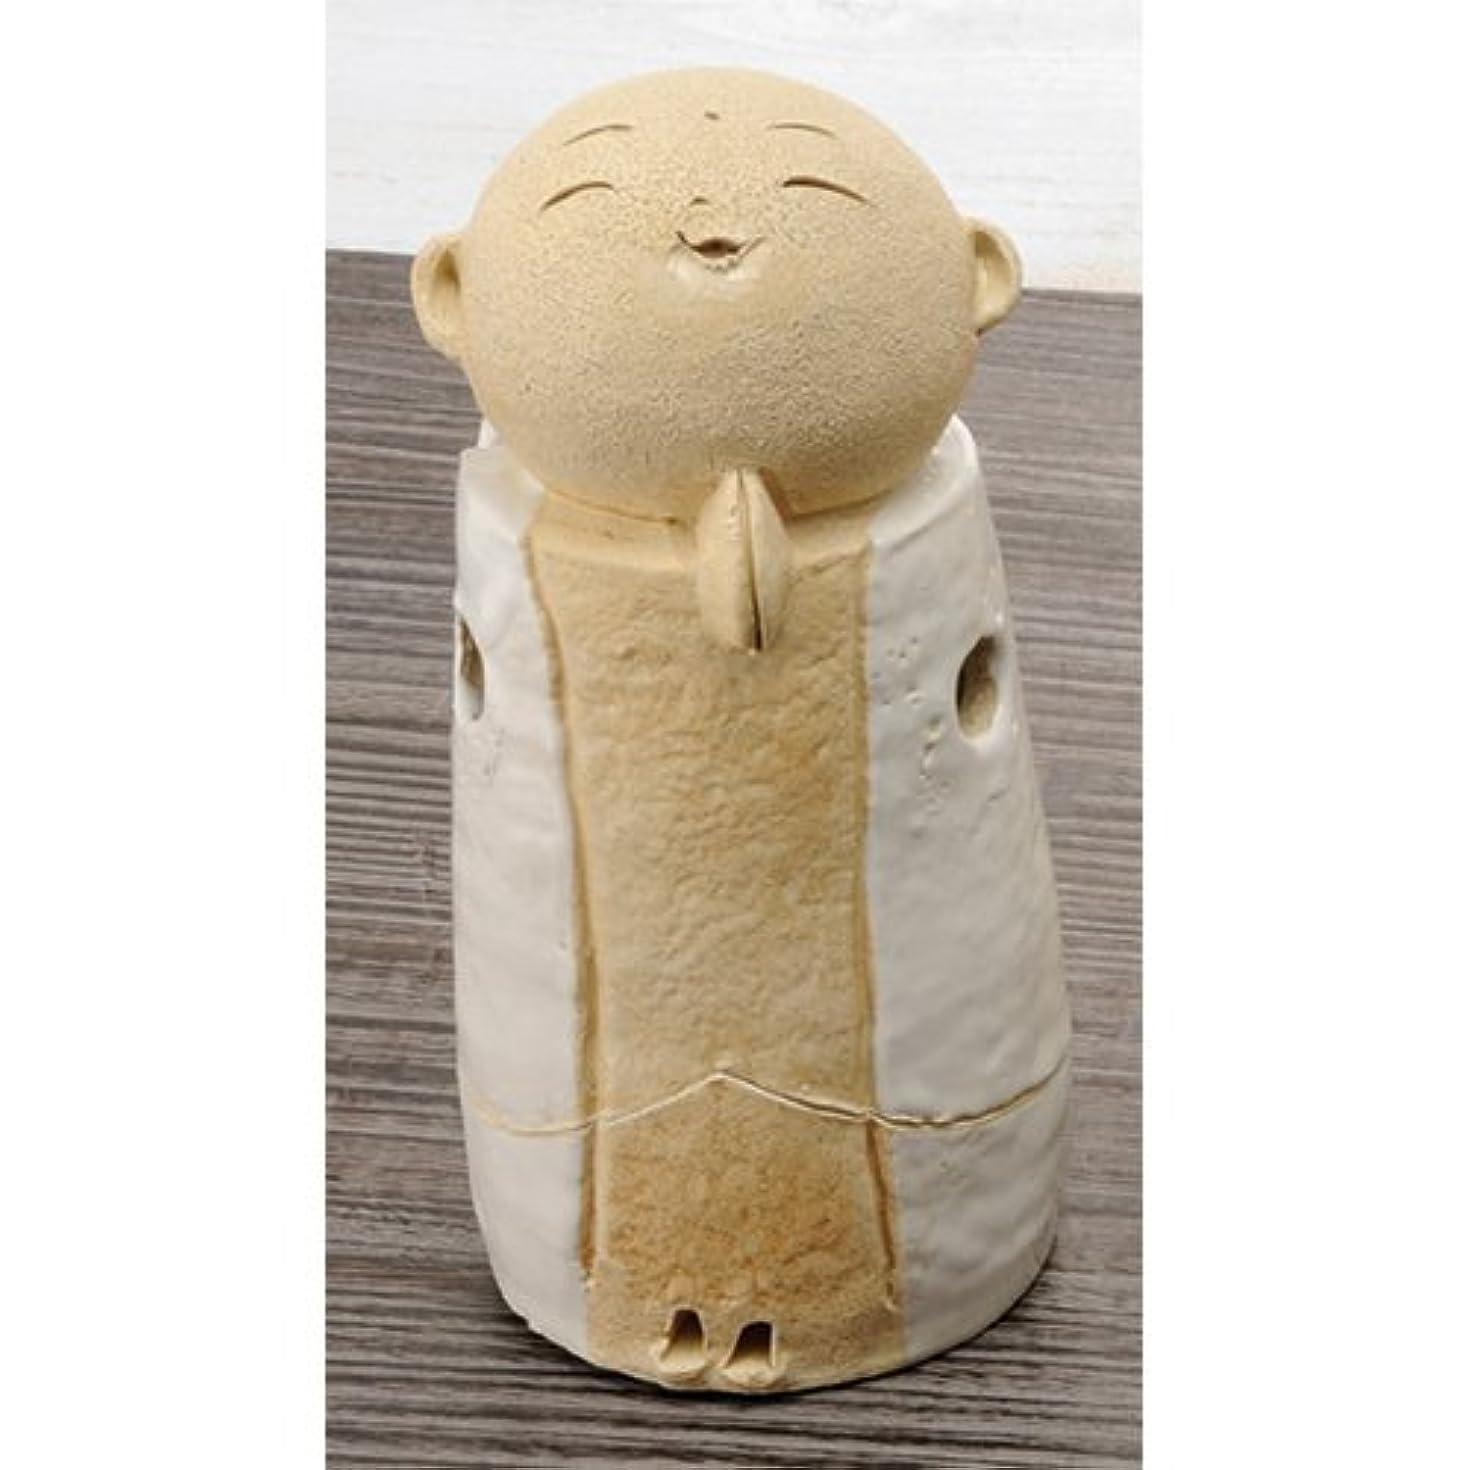 移行する心配する比喩お地蔵様 香炉シリーズ 白 お地蔵様 香炉 5.3寸(大) [H15.5cm] HANDMADE プレゼント ギフト 和食器 かわいい インテリア